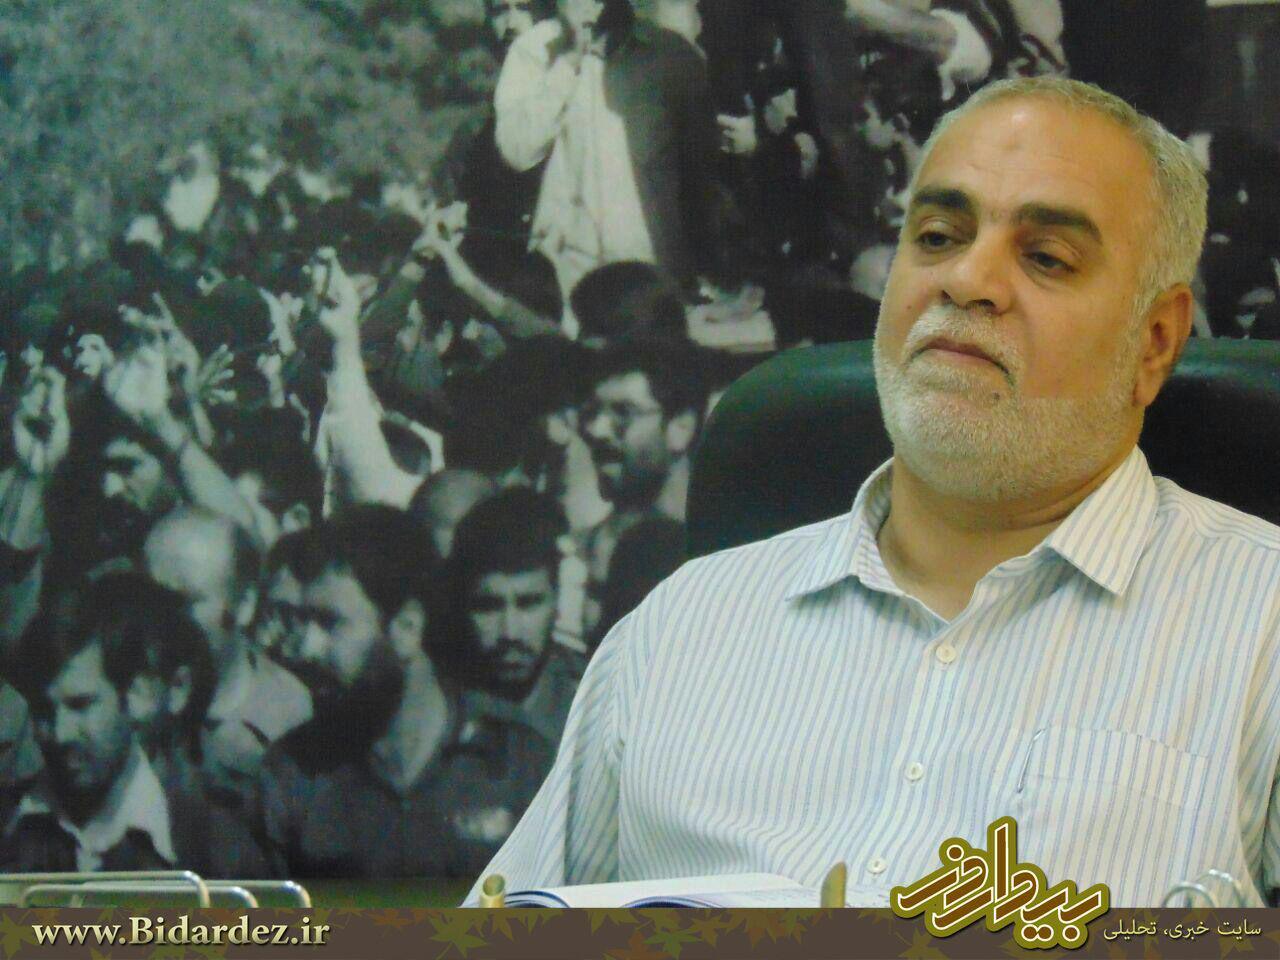 پیگیری روند اجرائی مرکز فرهنگی دفاع مقدس و یادمان شهدای گمنام در گفتگو با بهزاد جولائی